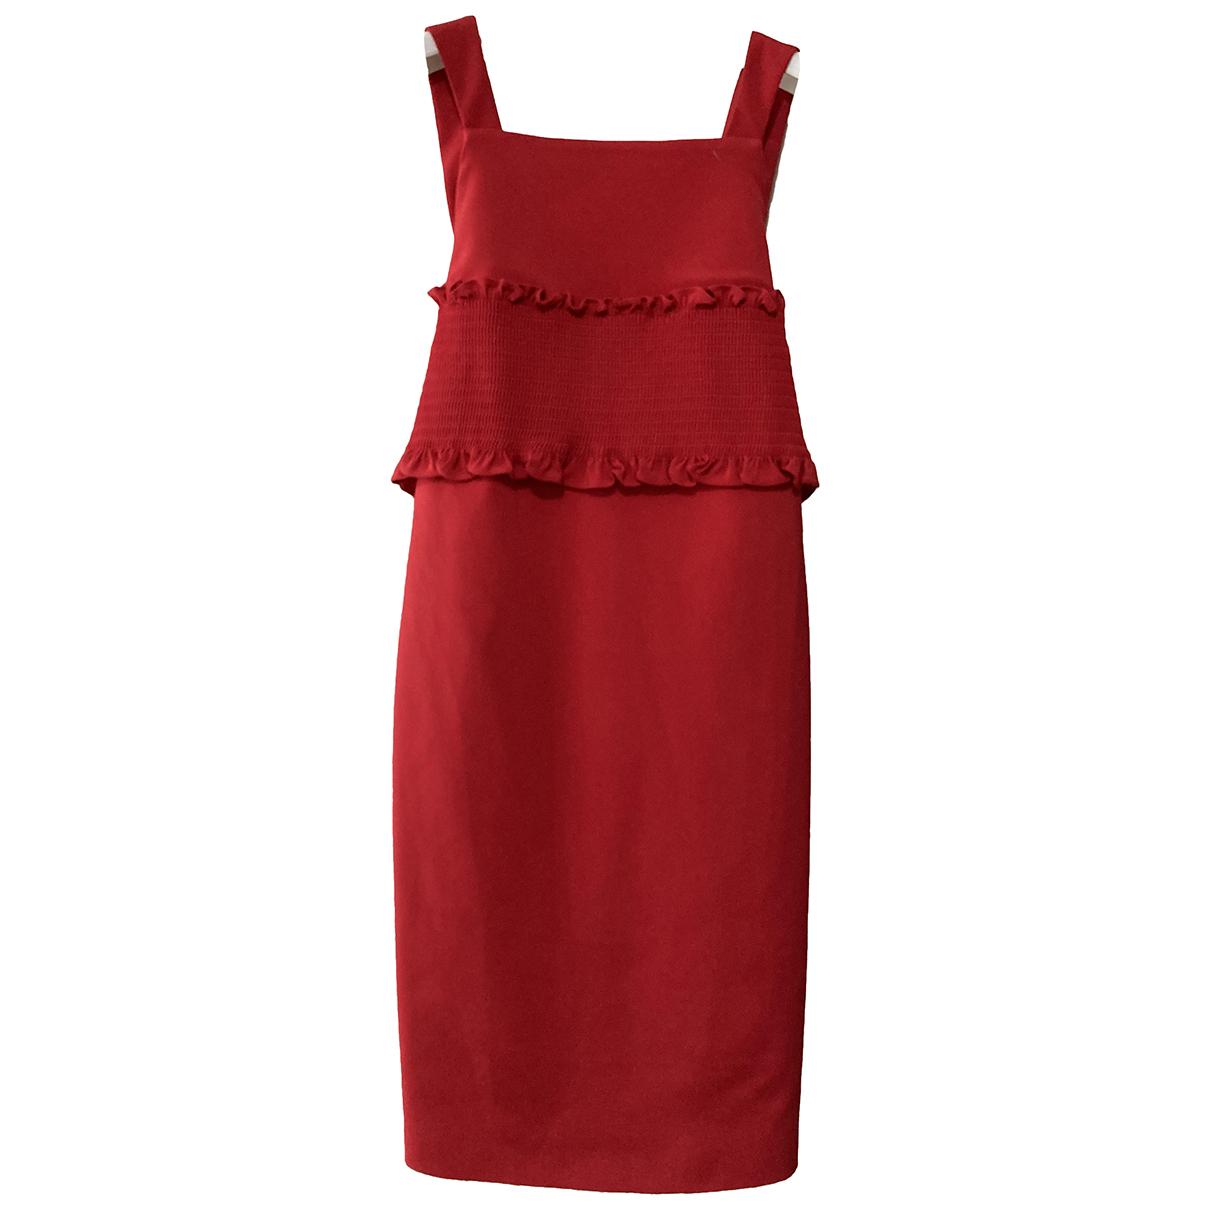 Tibi \N Kleid in  Rot Polyester